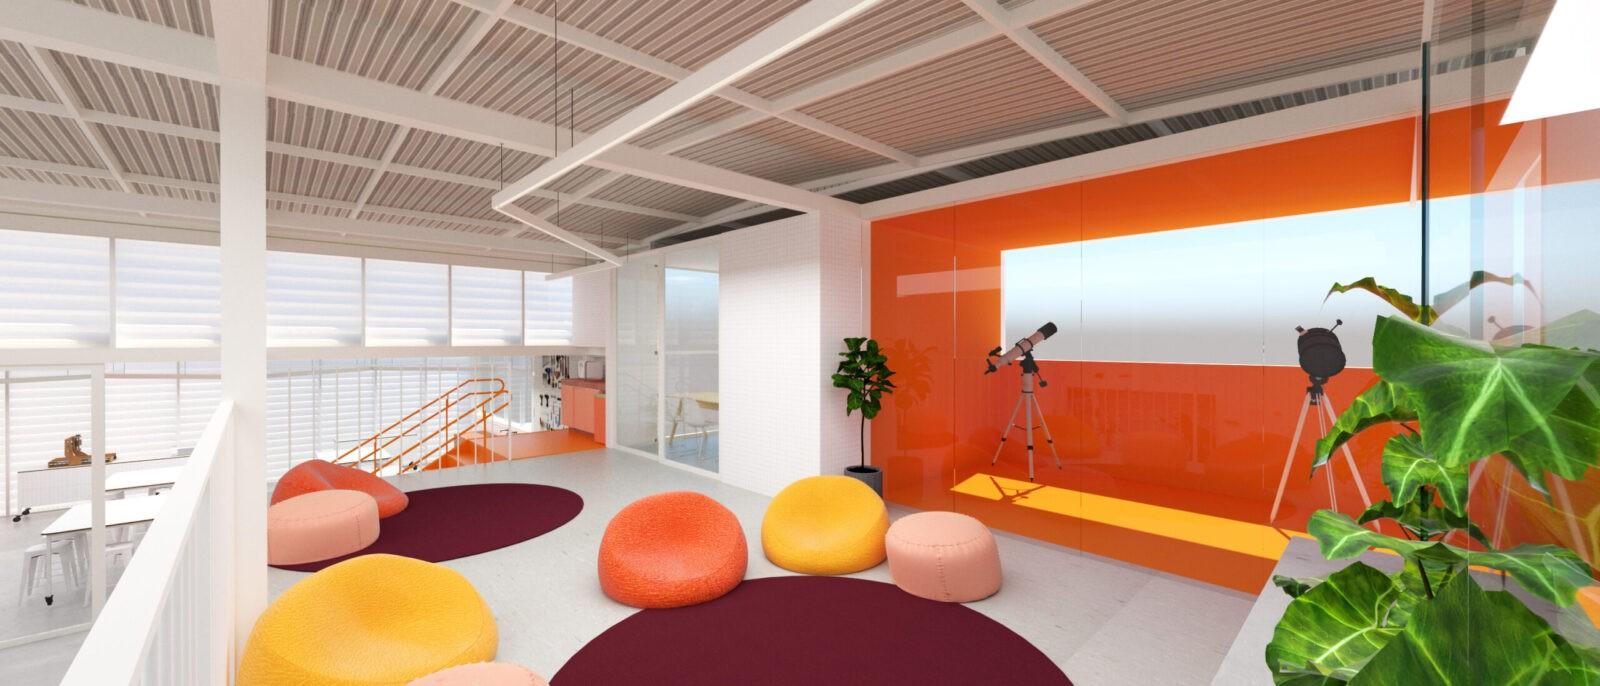 Projeto arquitetura reforma infantil escola belo horizonte Gabriel castro arquiteto mobio